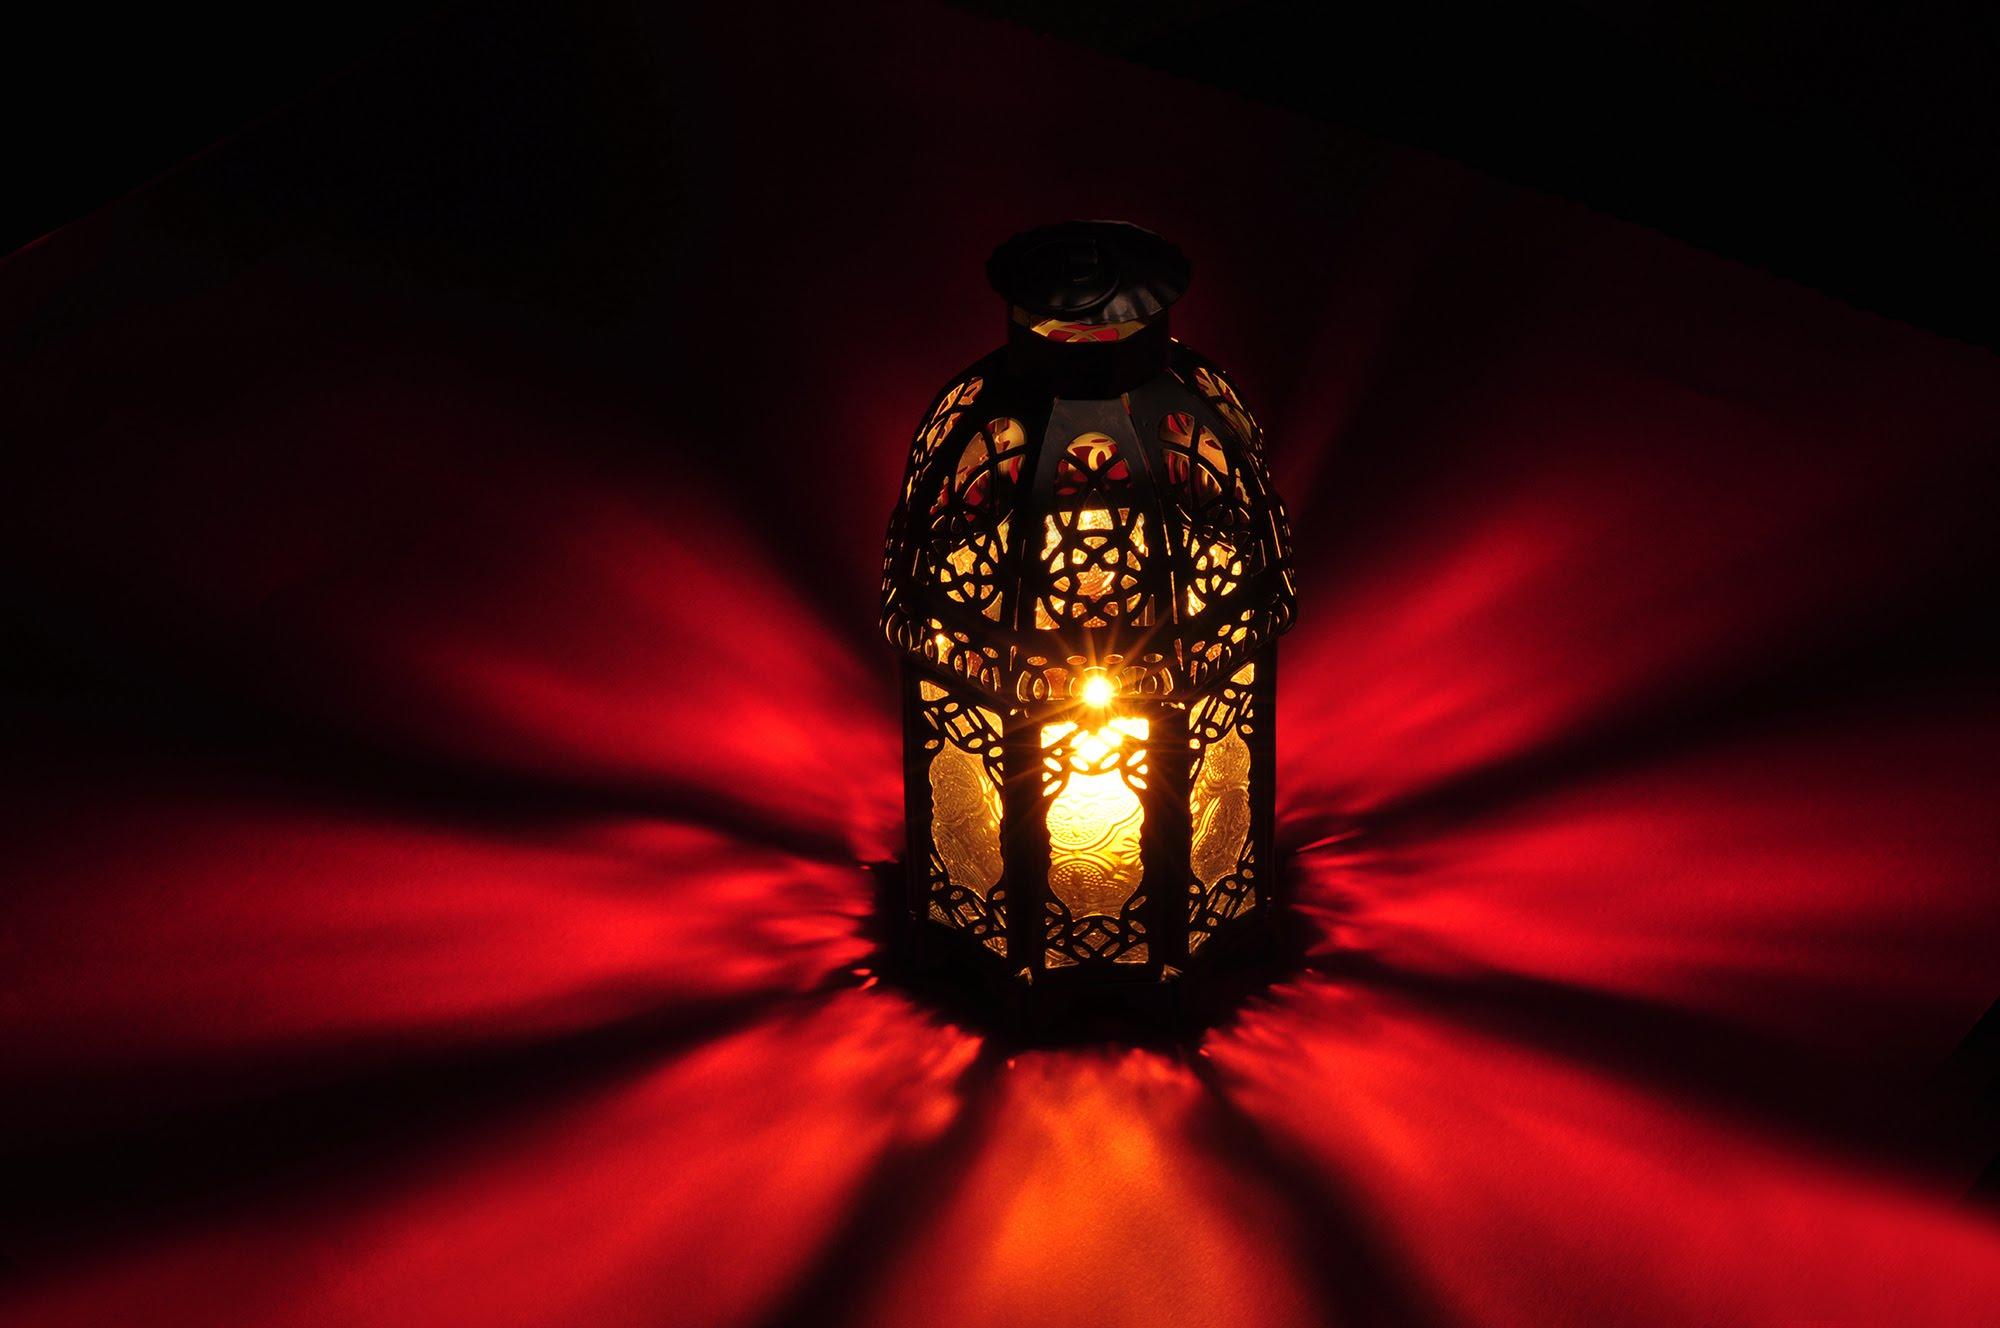 بالصور رمزيات عن رمضان , رموز تعبر عن رمضان 6214 5